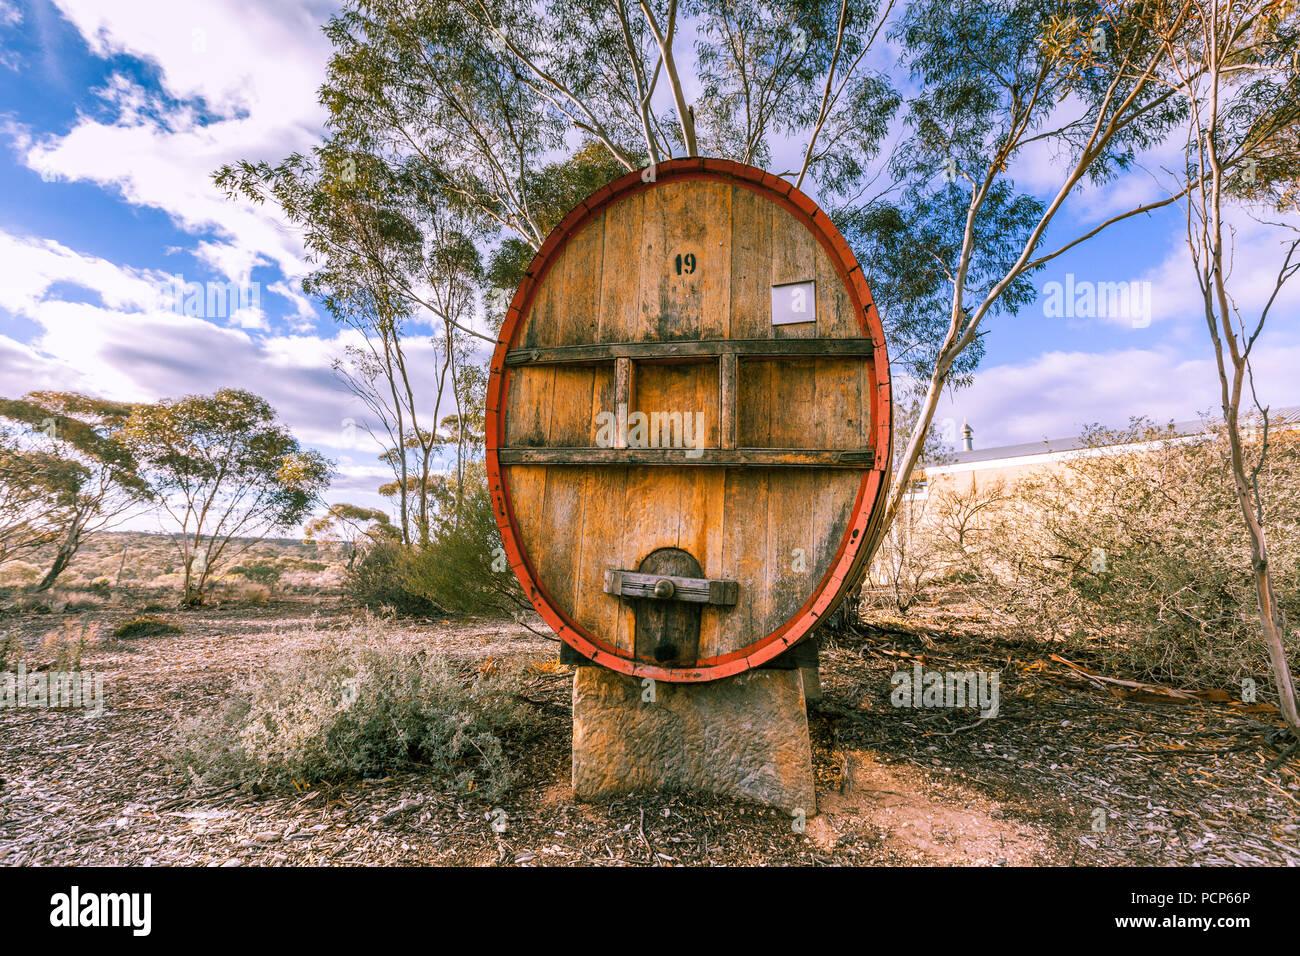 Huge wooden wine barrel in South Australian winery - Stock Image